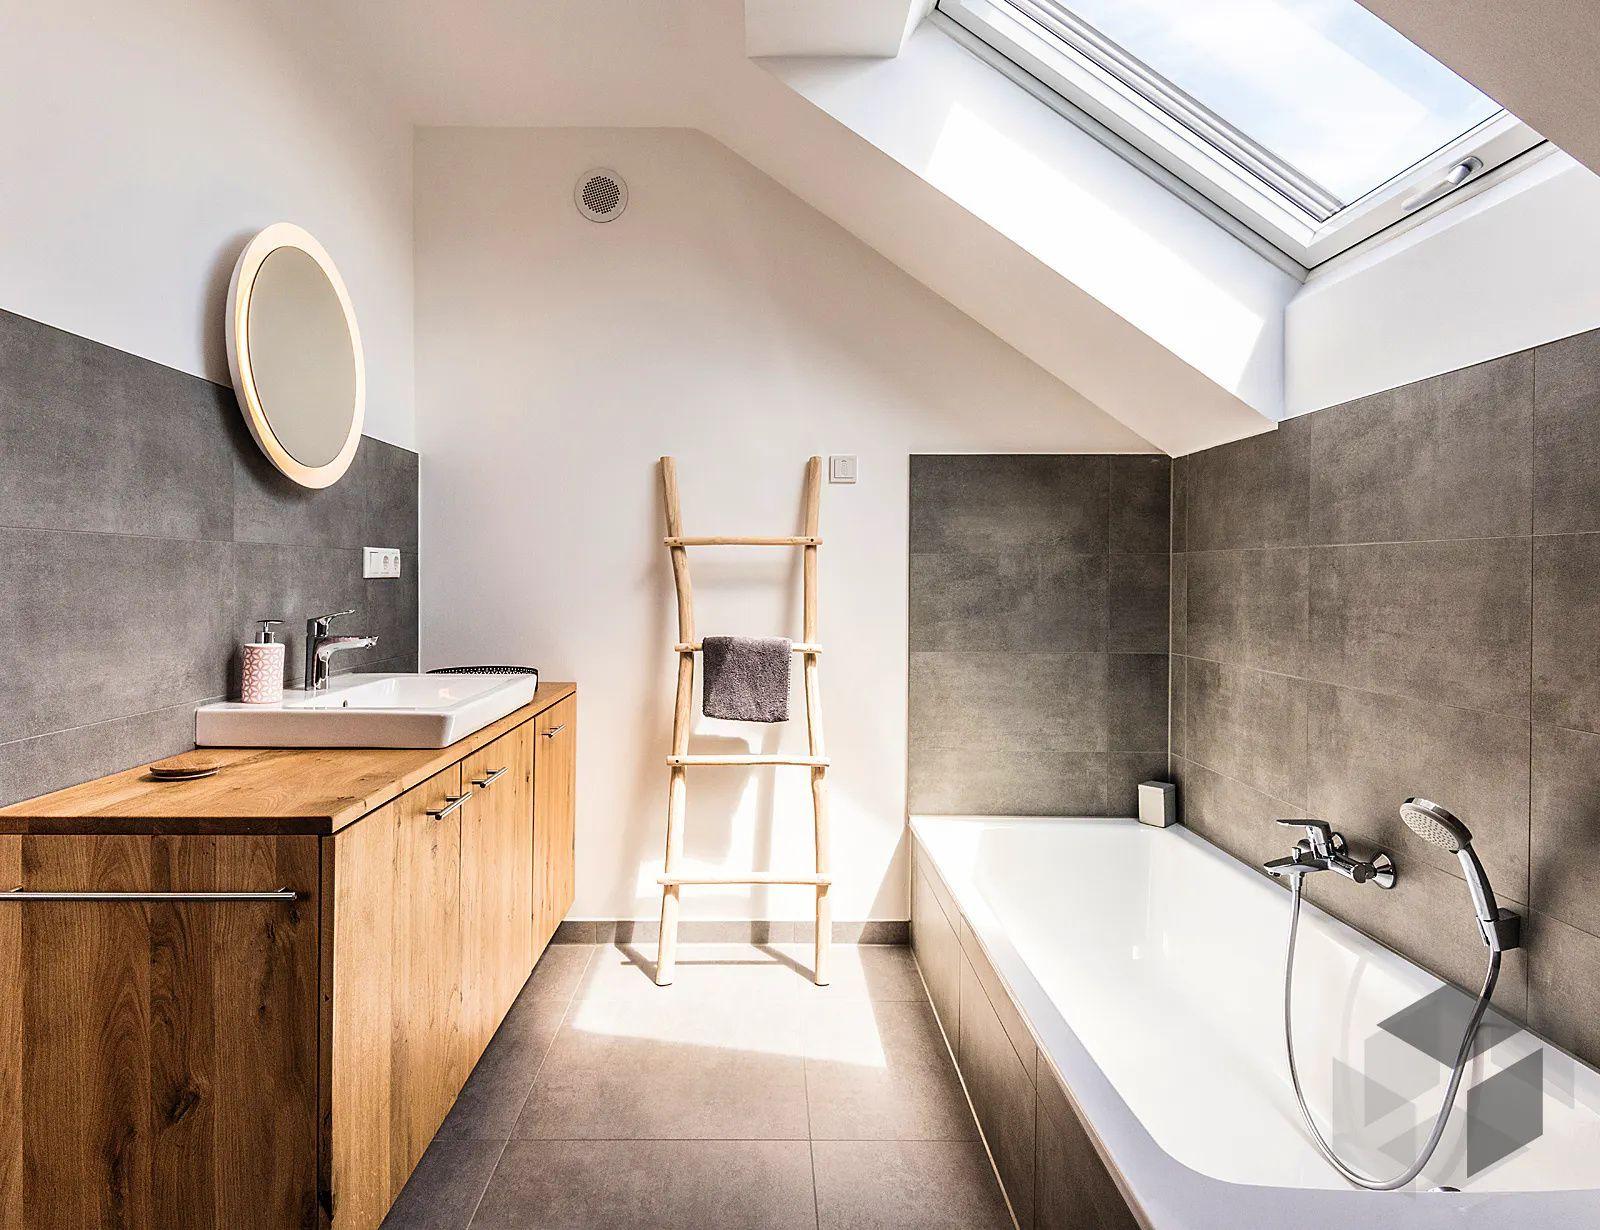 Bad modern mit Holzwaschtisch   Badgestaltung, Holzwaschtisch, Bad